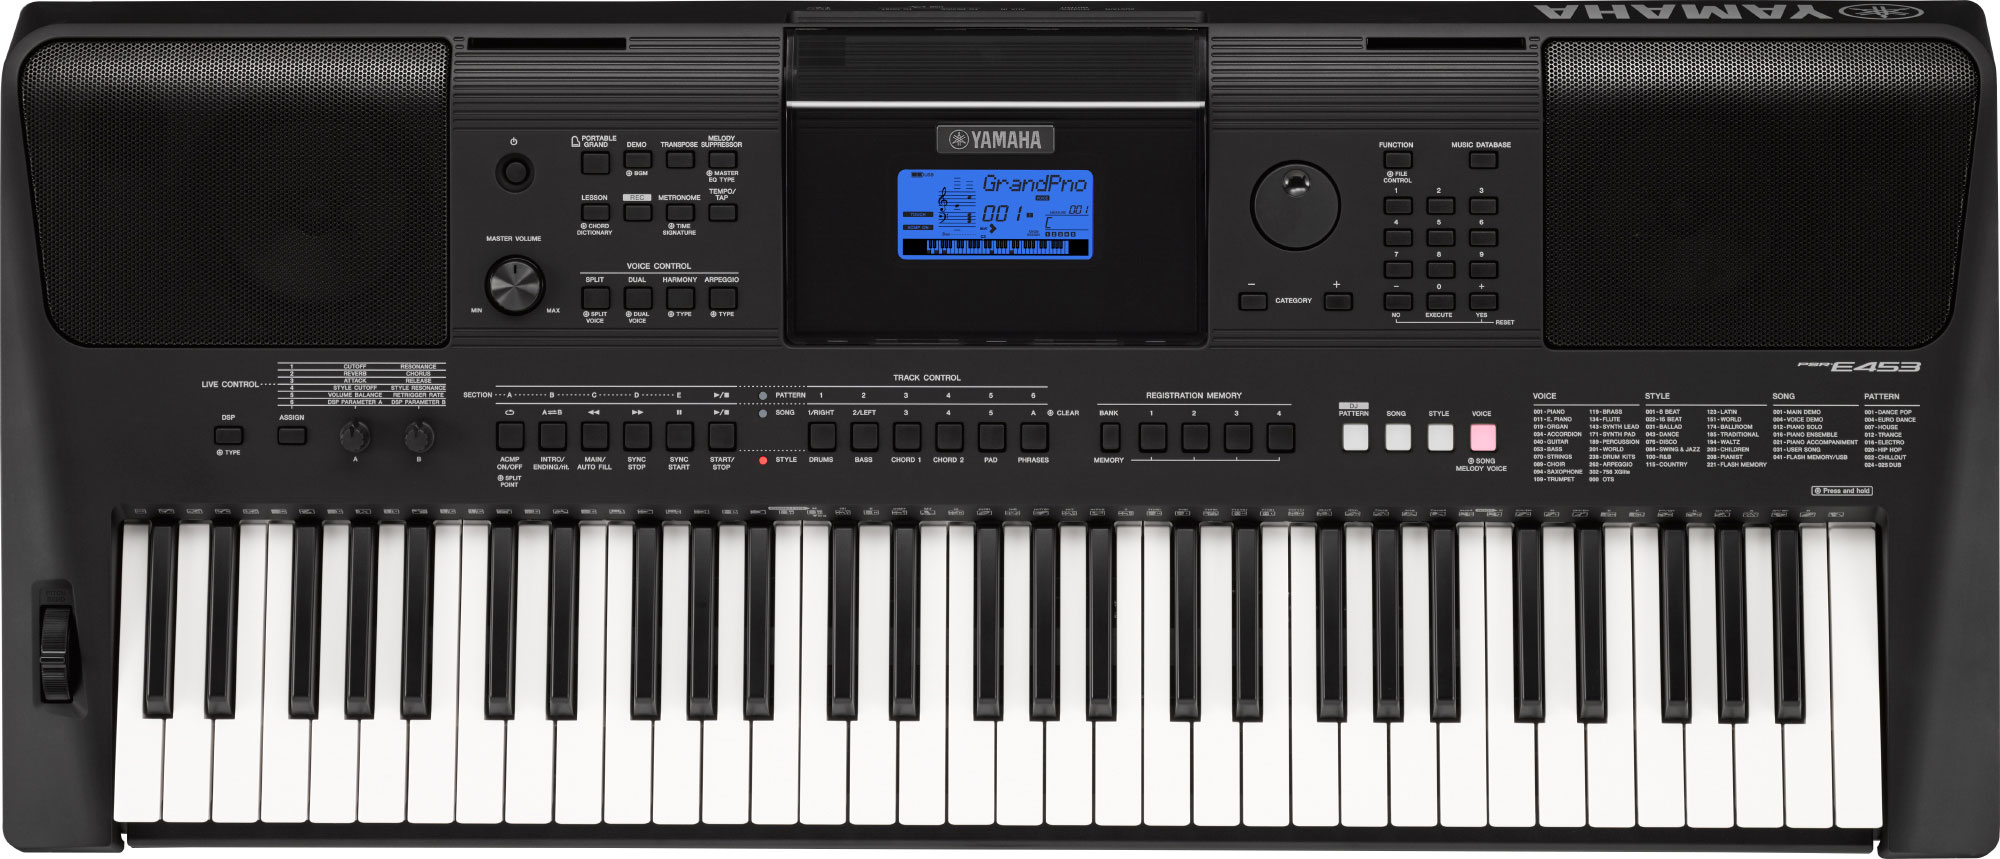 yamaha psr e453 home keyboard yamaha music london rh yamahamusiclondon com User Training Example User Guide